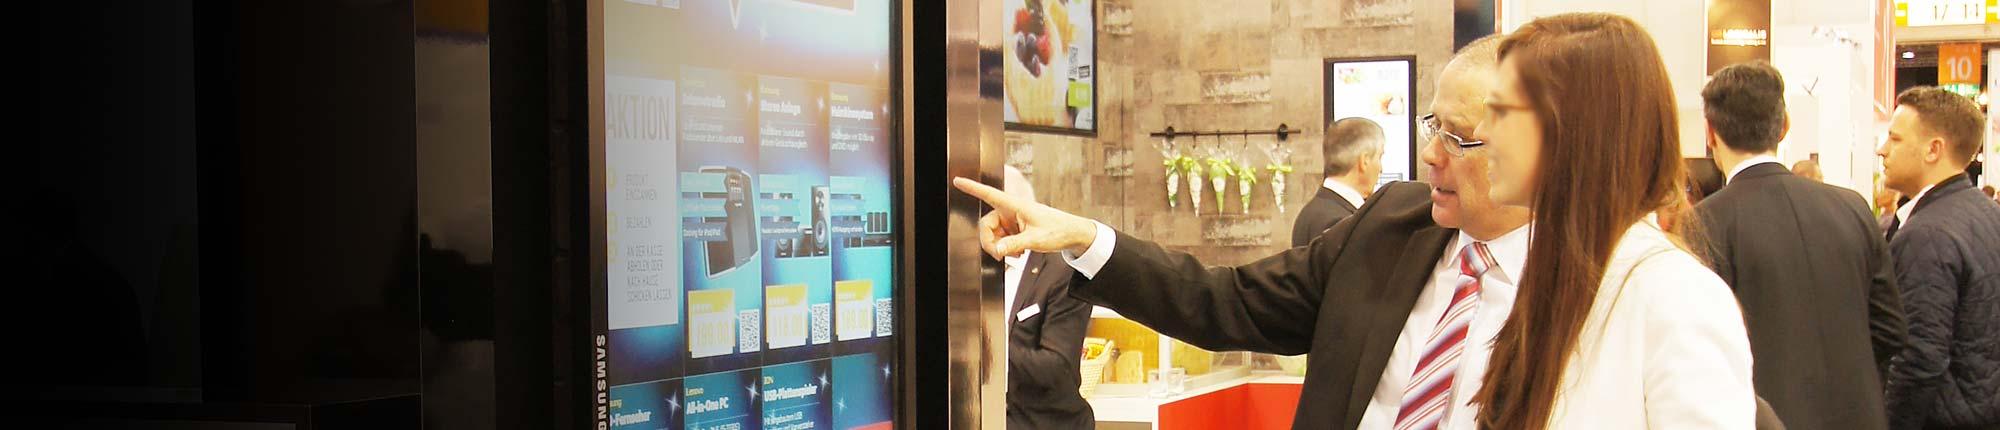 Kunden vor einem digitalen Regal bei der Produktinformation